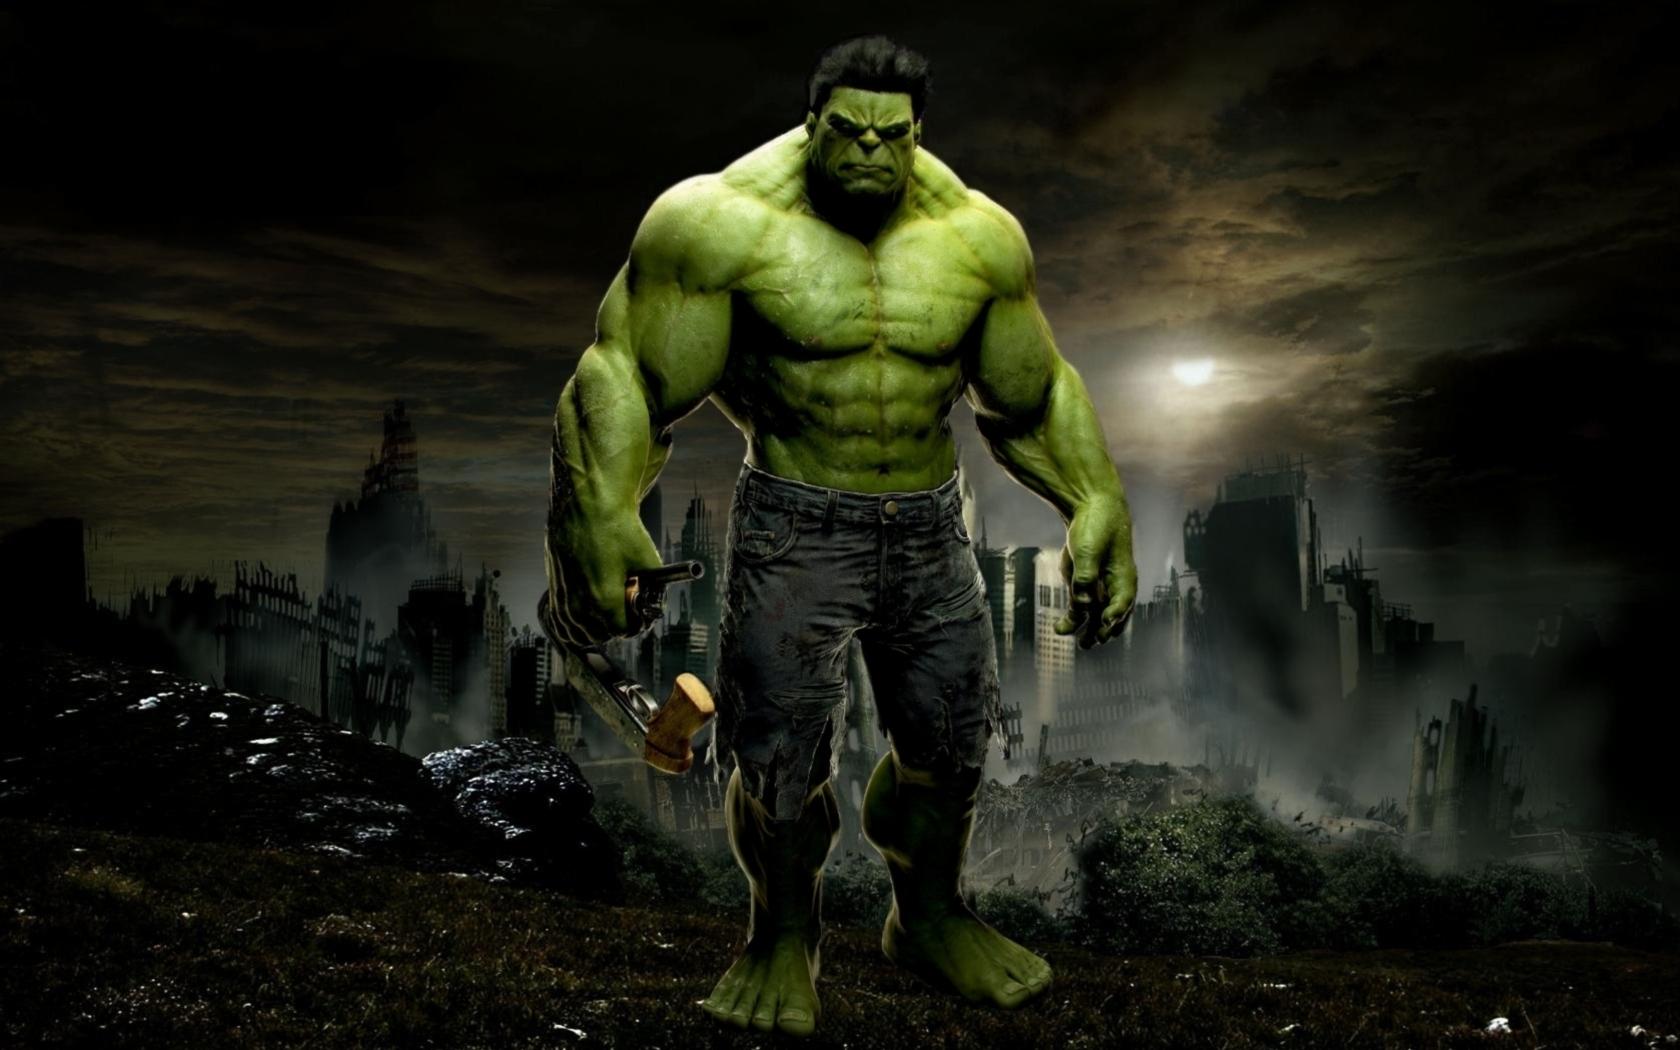 Nuevas imgenes HD de Hulk Fondos de pantalla de Hulk 1680x1050